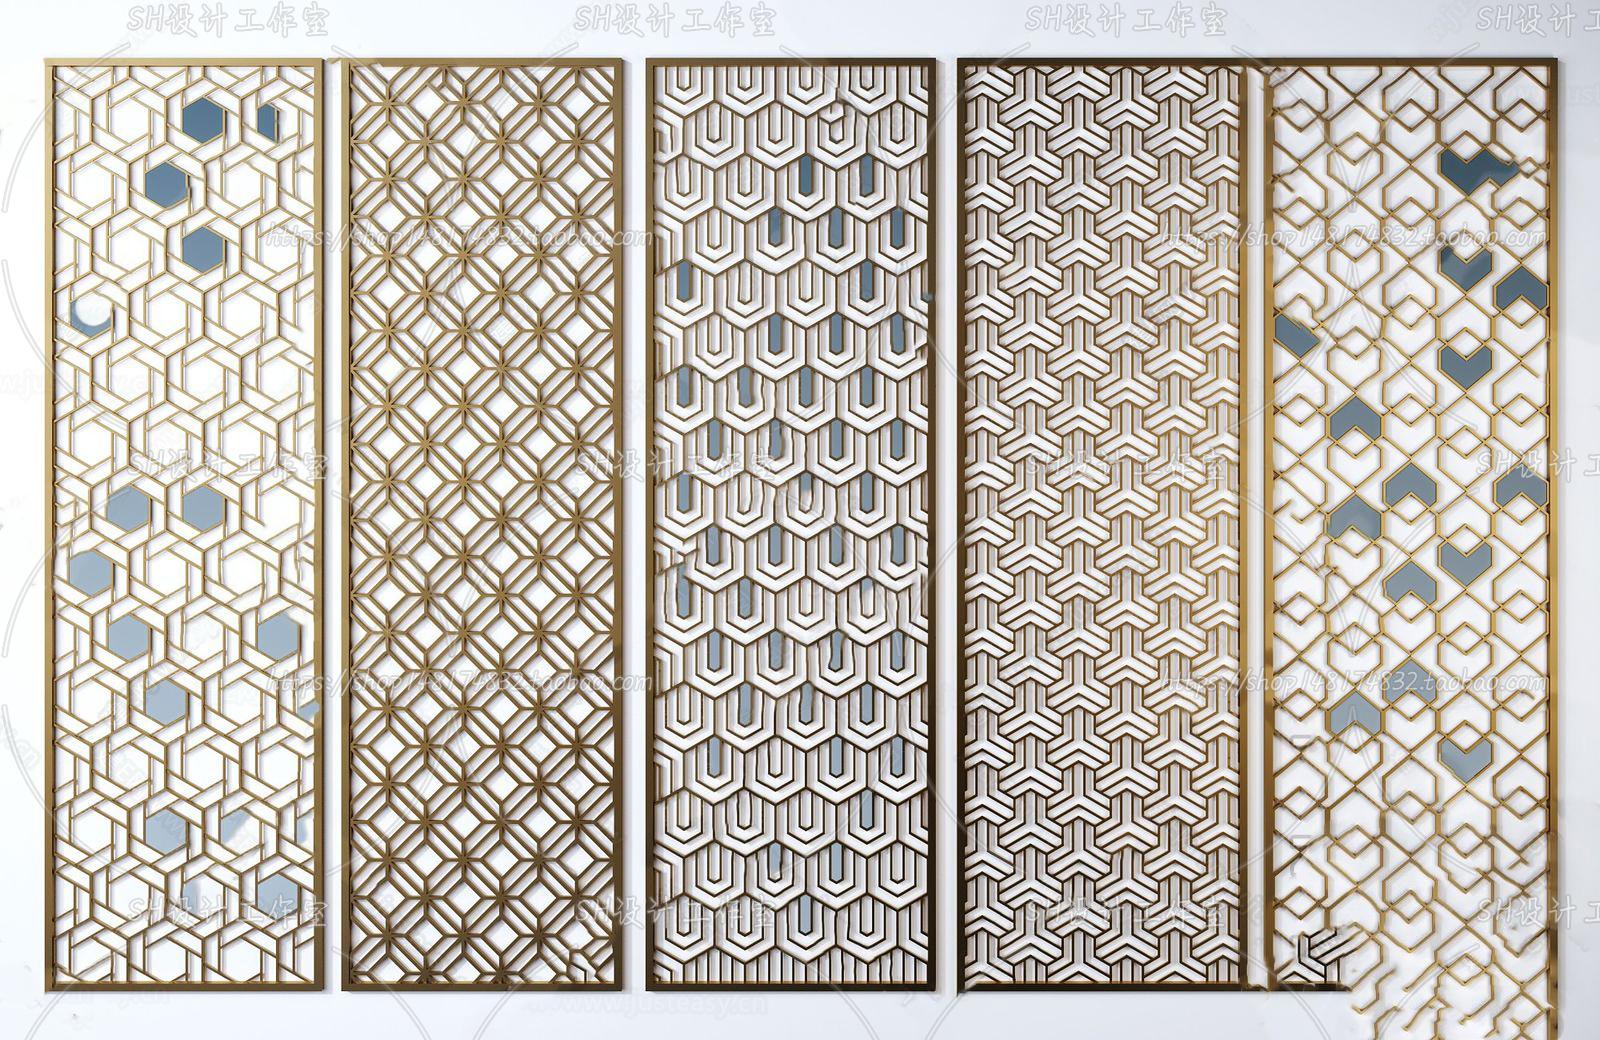 3DSKY FREE – CNC PANELS – VOL.4 – No.034